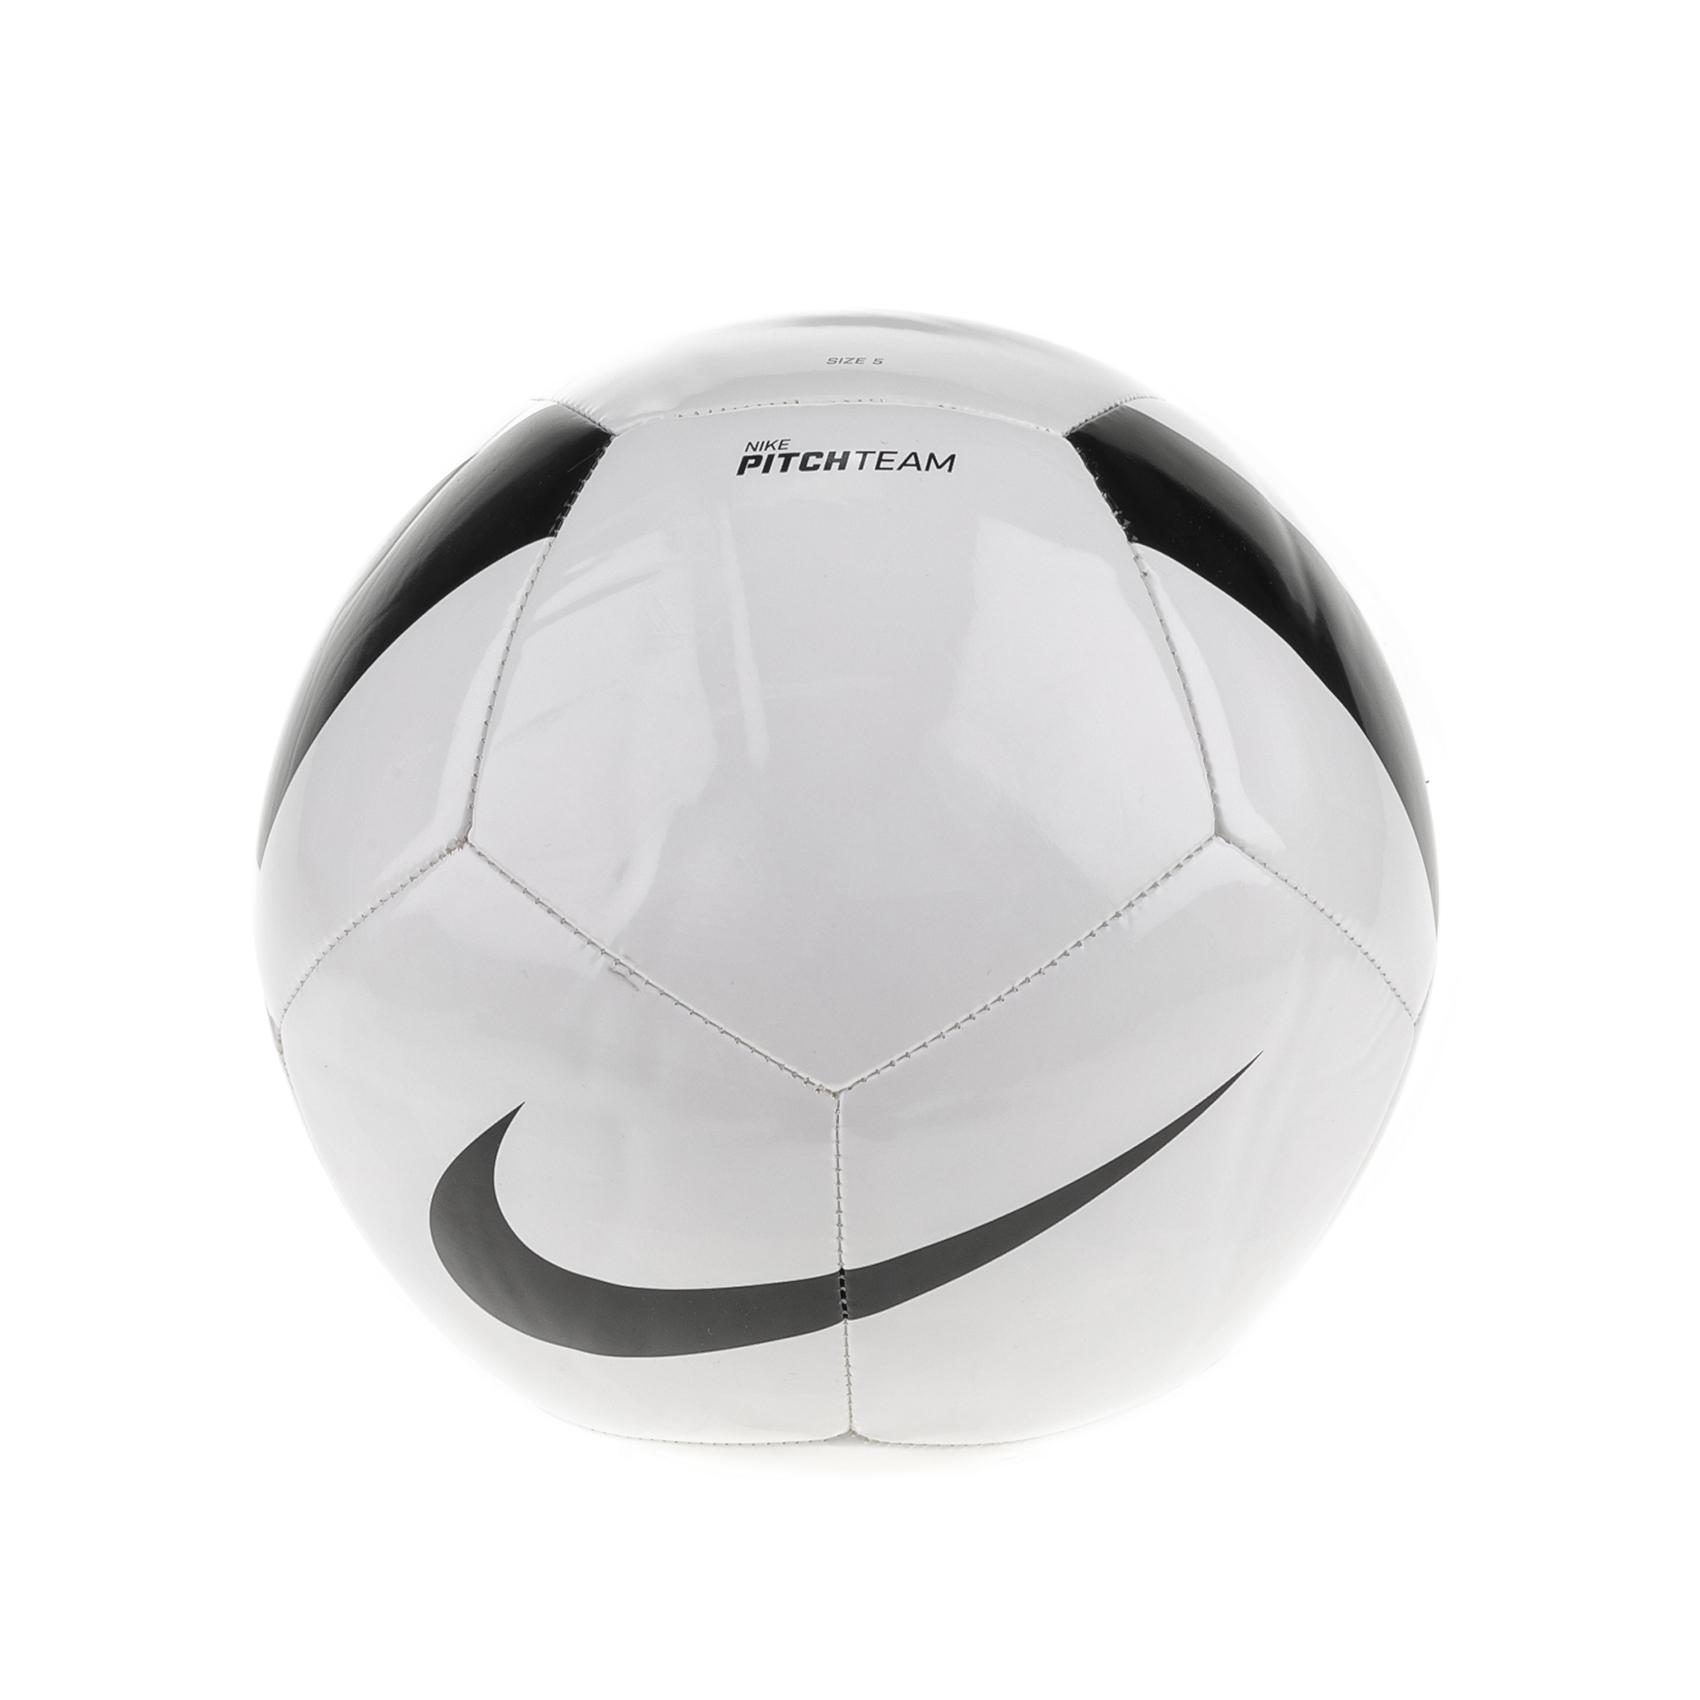 NIKE - Μπάλα ποδοσφαίρου Nike SKILLS ανδρικά αξεσουάρ αθλητικά είδη μπάλες